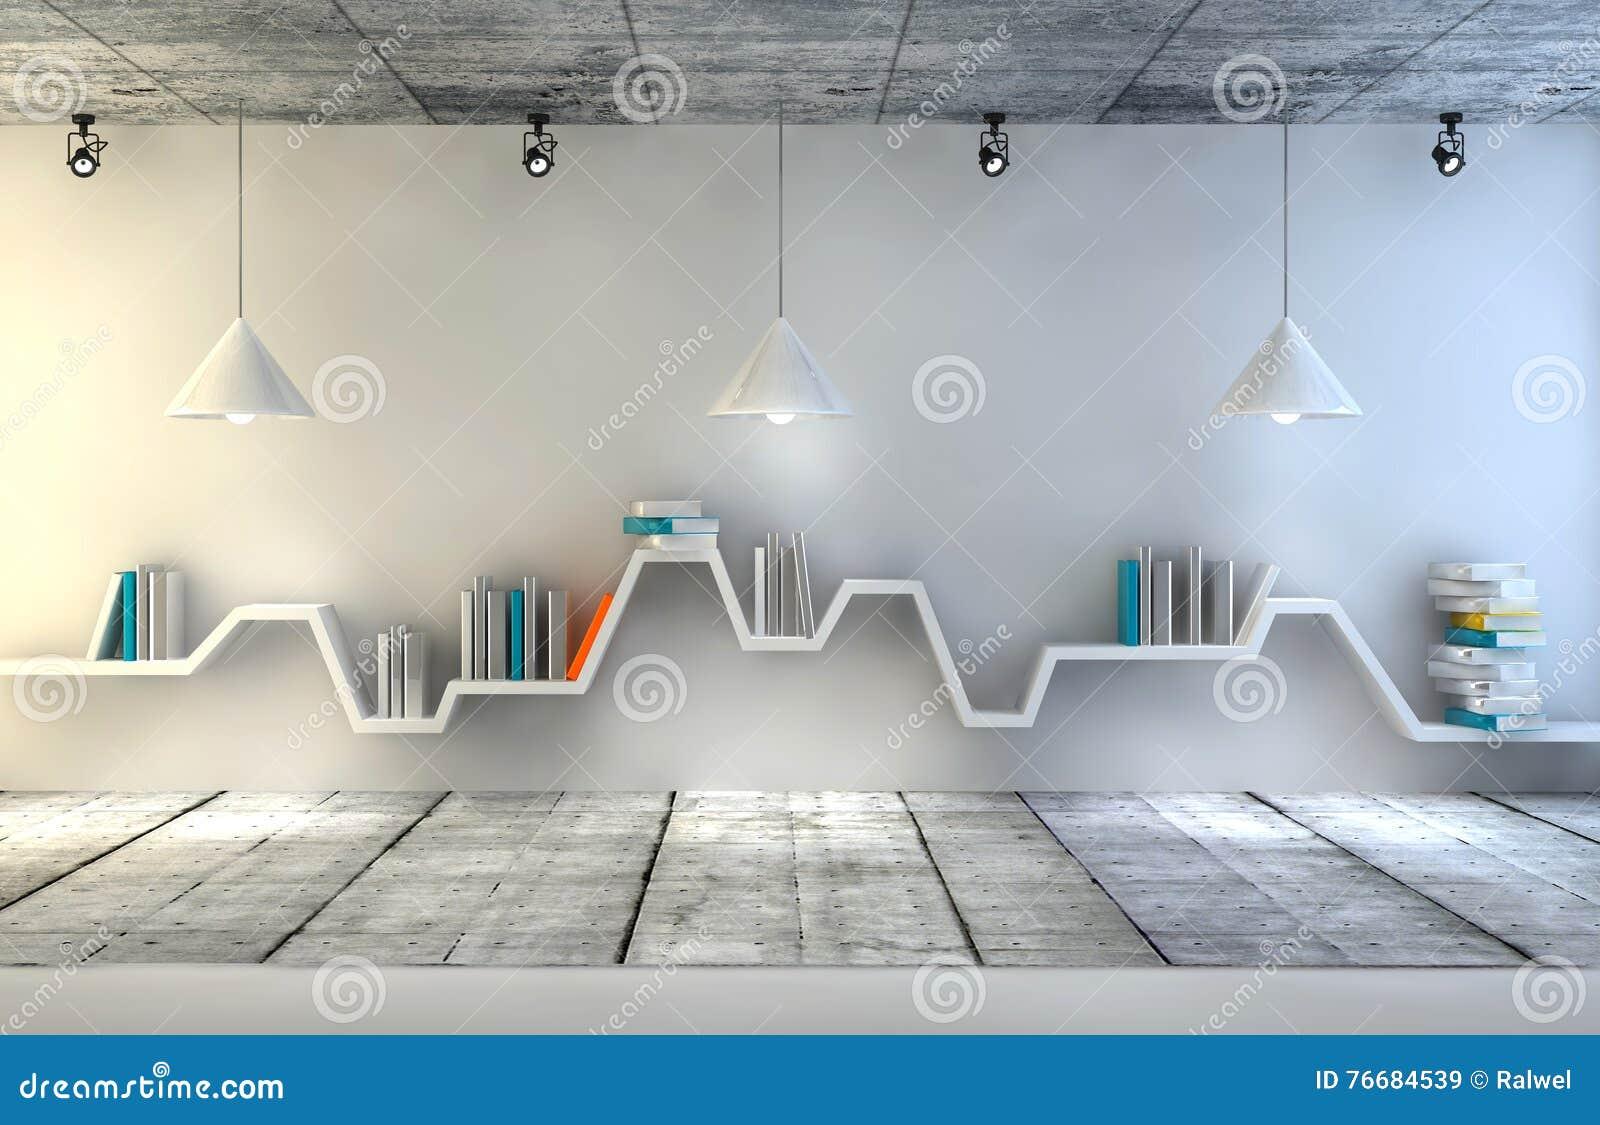 Scaffali Per Libri Design.Scaffale Per Libri Minimalista Sopra Fondo Concreto Drammatico